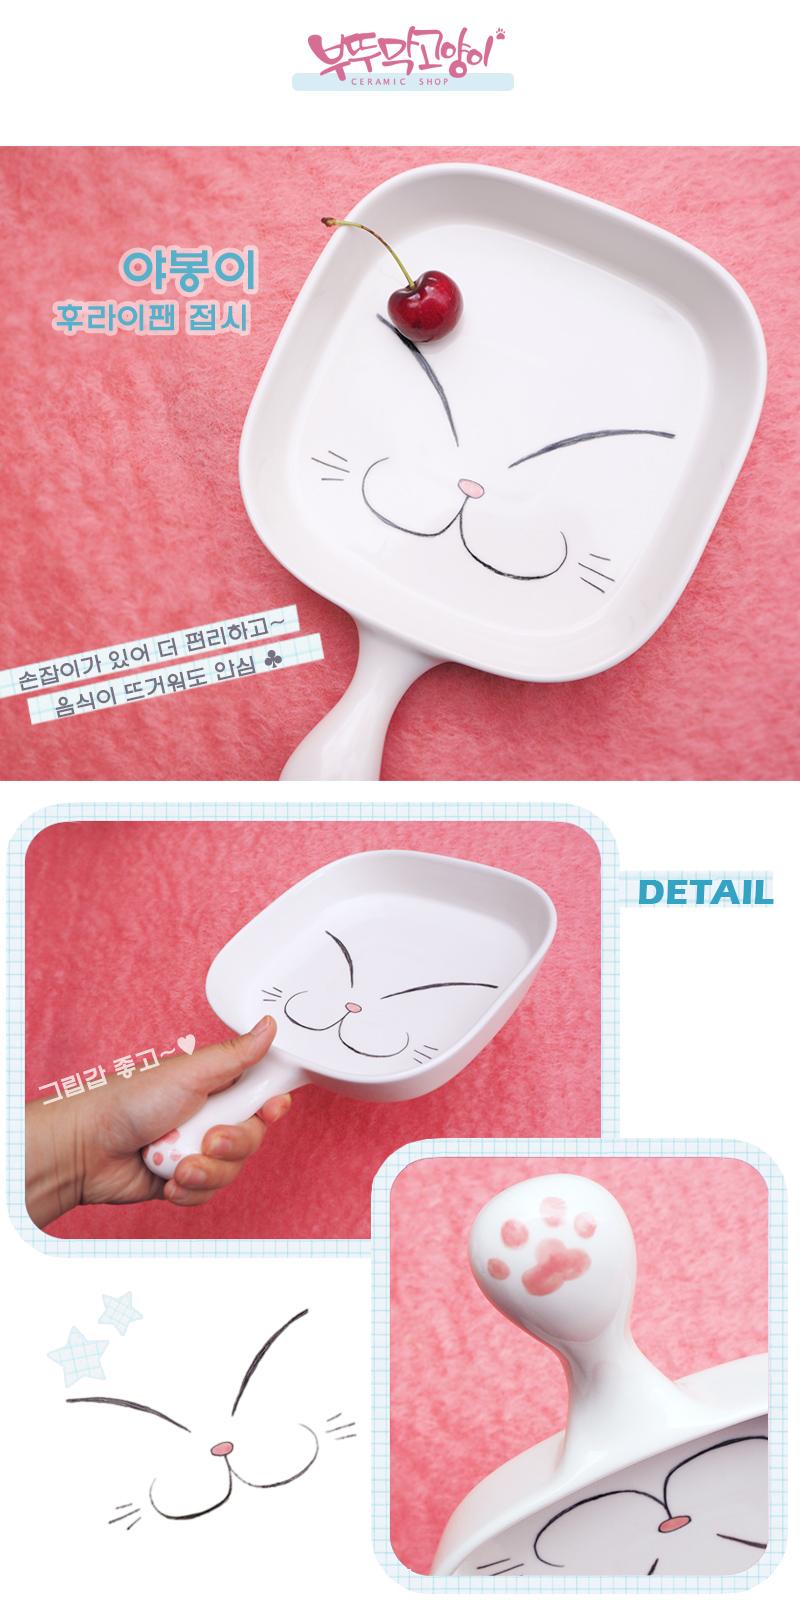 야봉이 후라이팬 접시 - 부뚜막 고양이, 28,000원, 접시/찬기, 접시